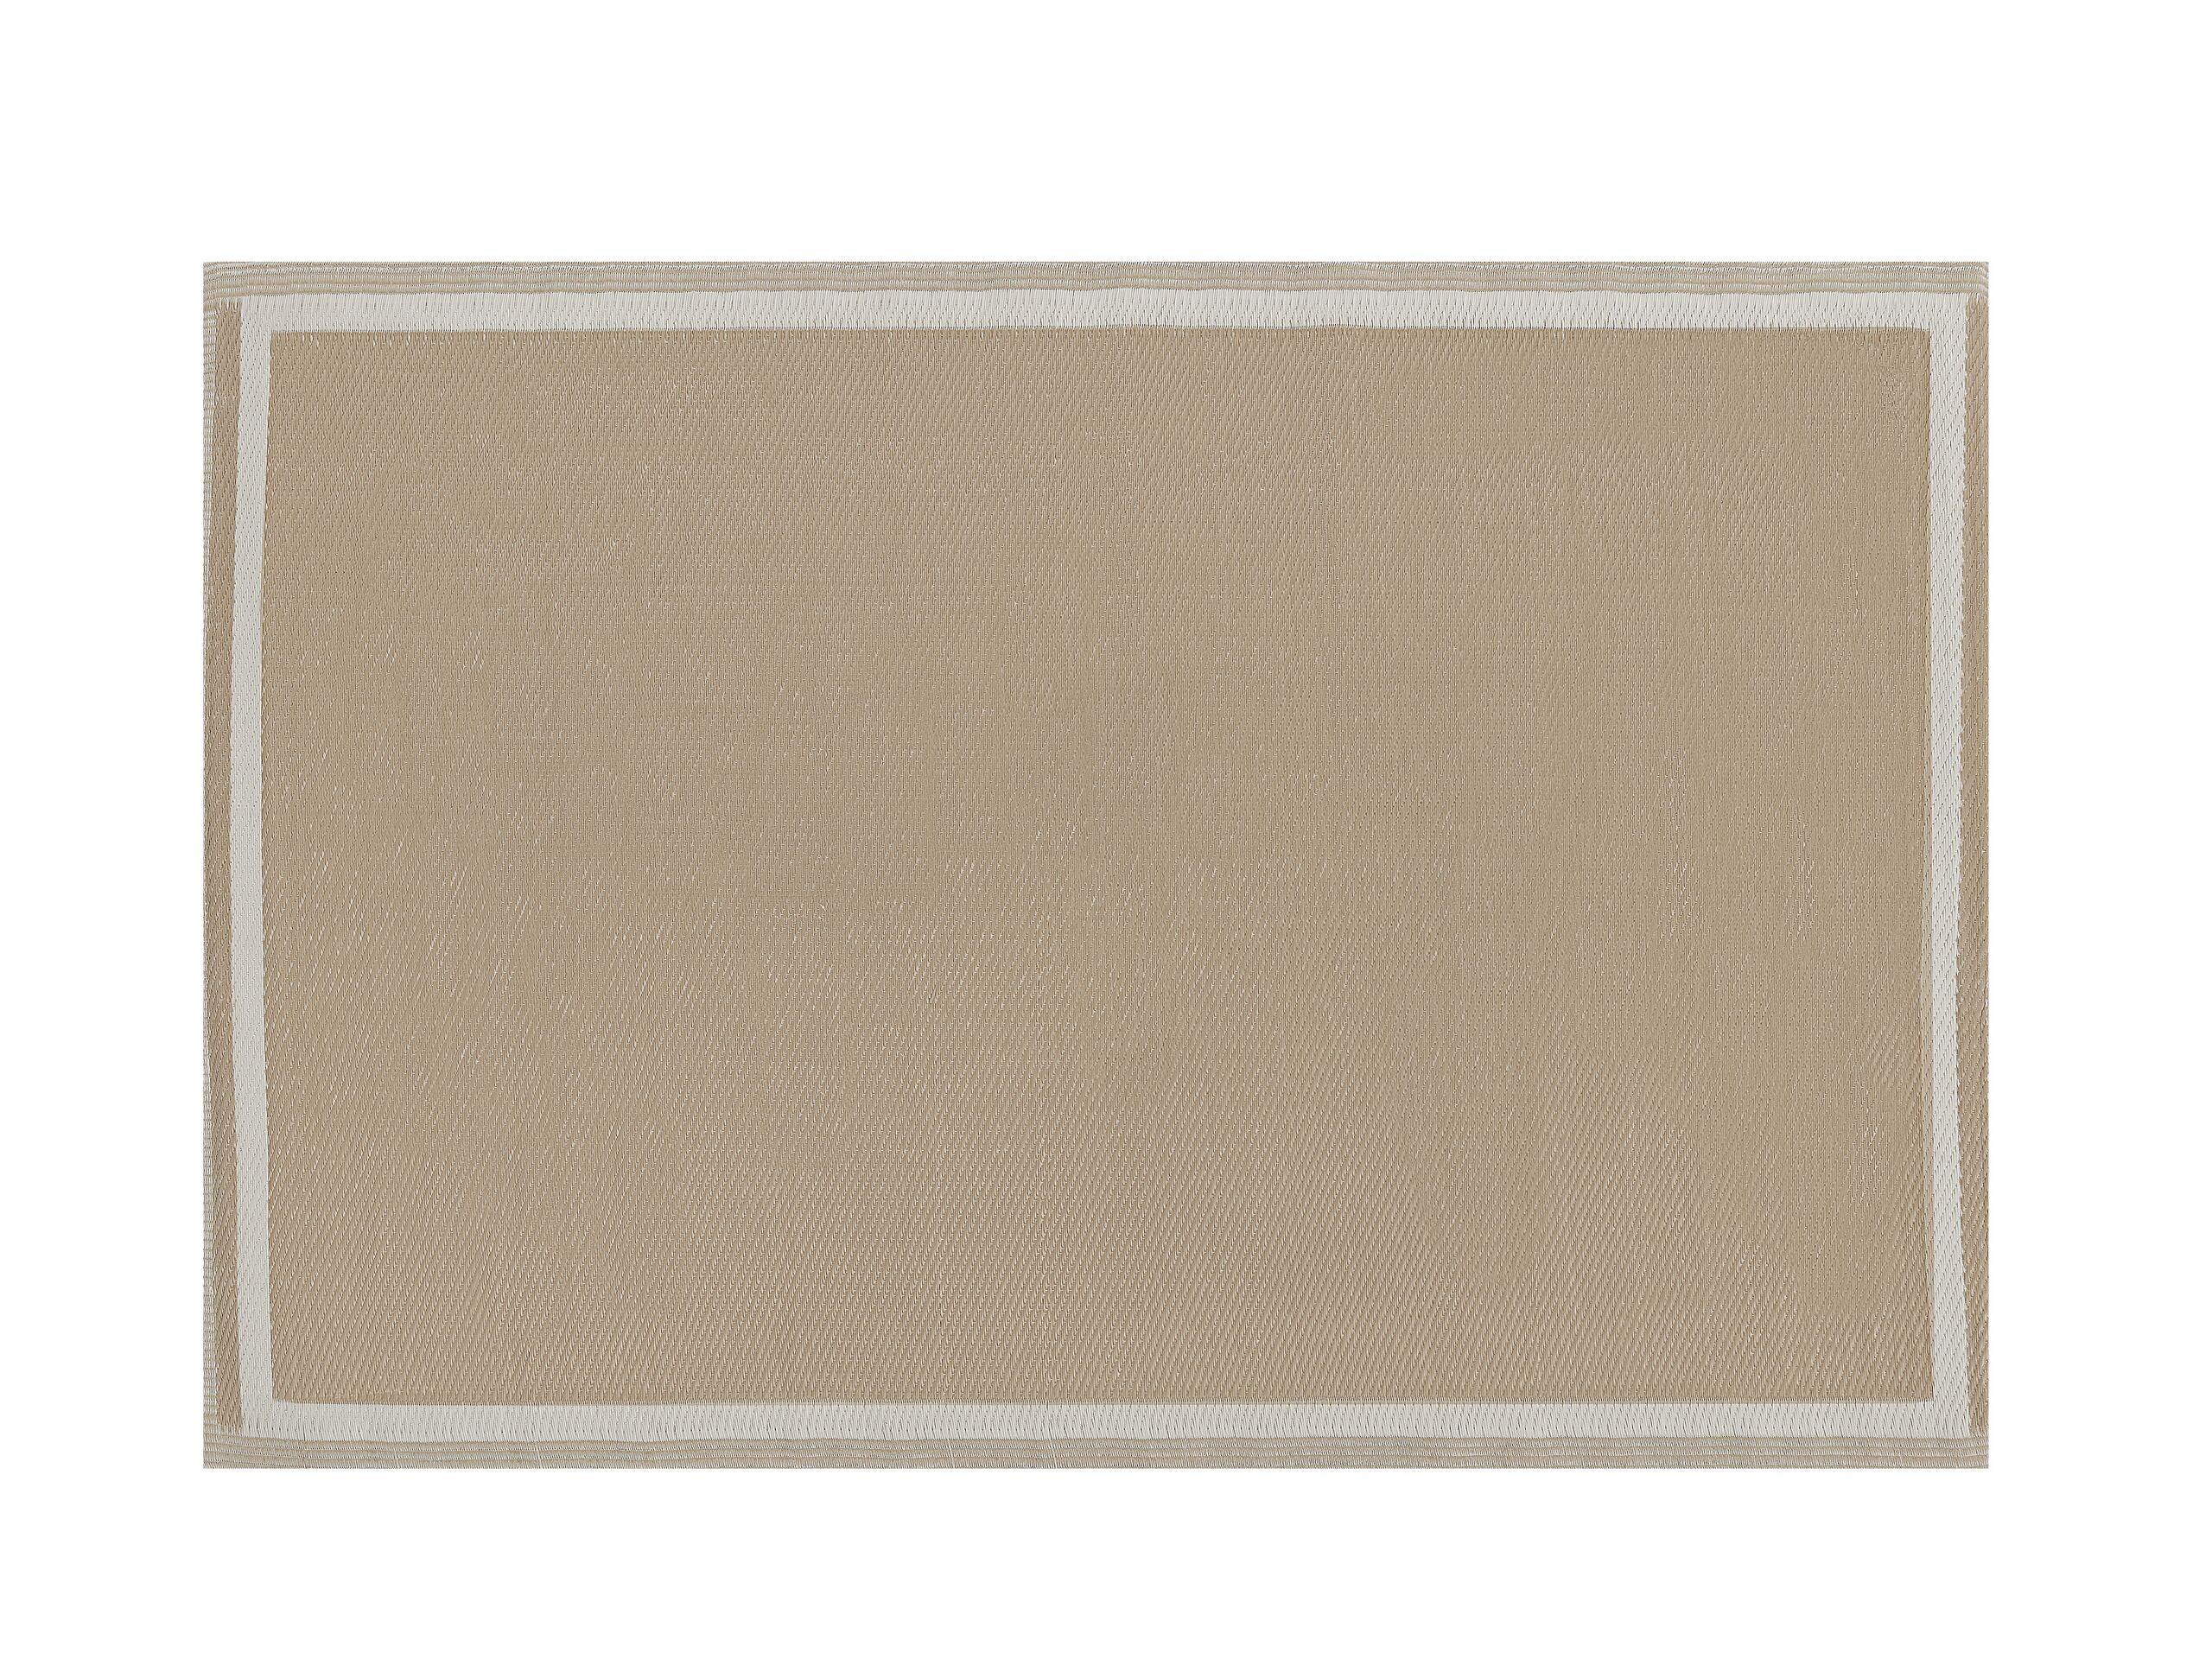 Tapis extérieur beige 120 x 180 cm